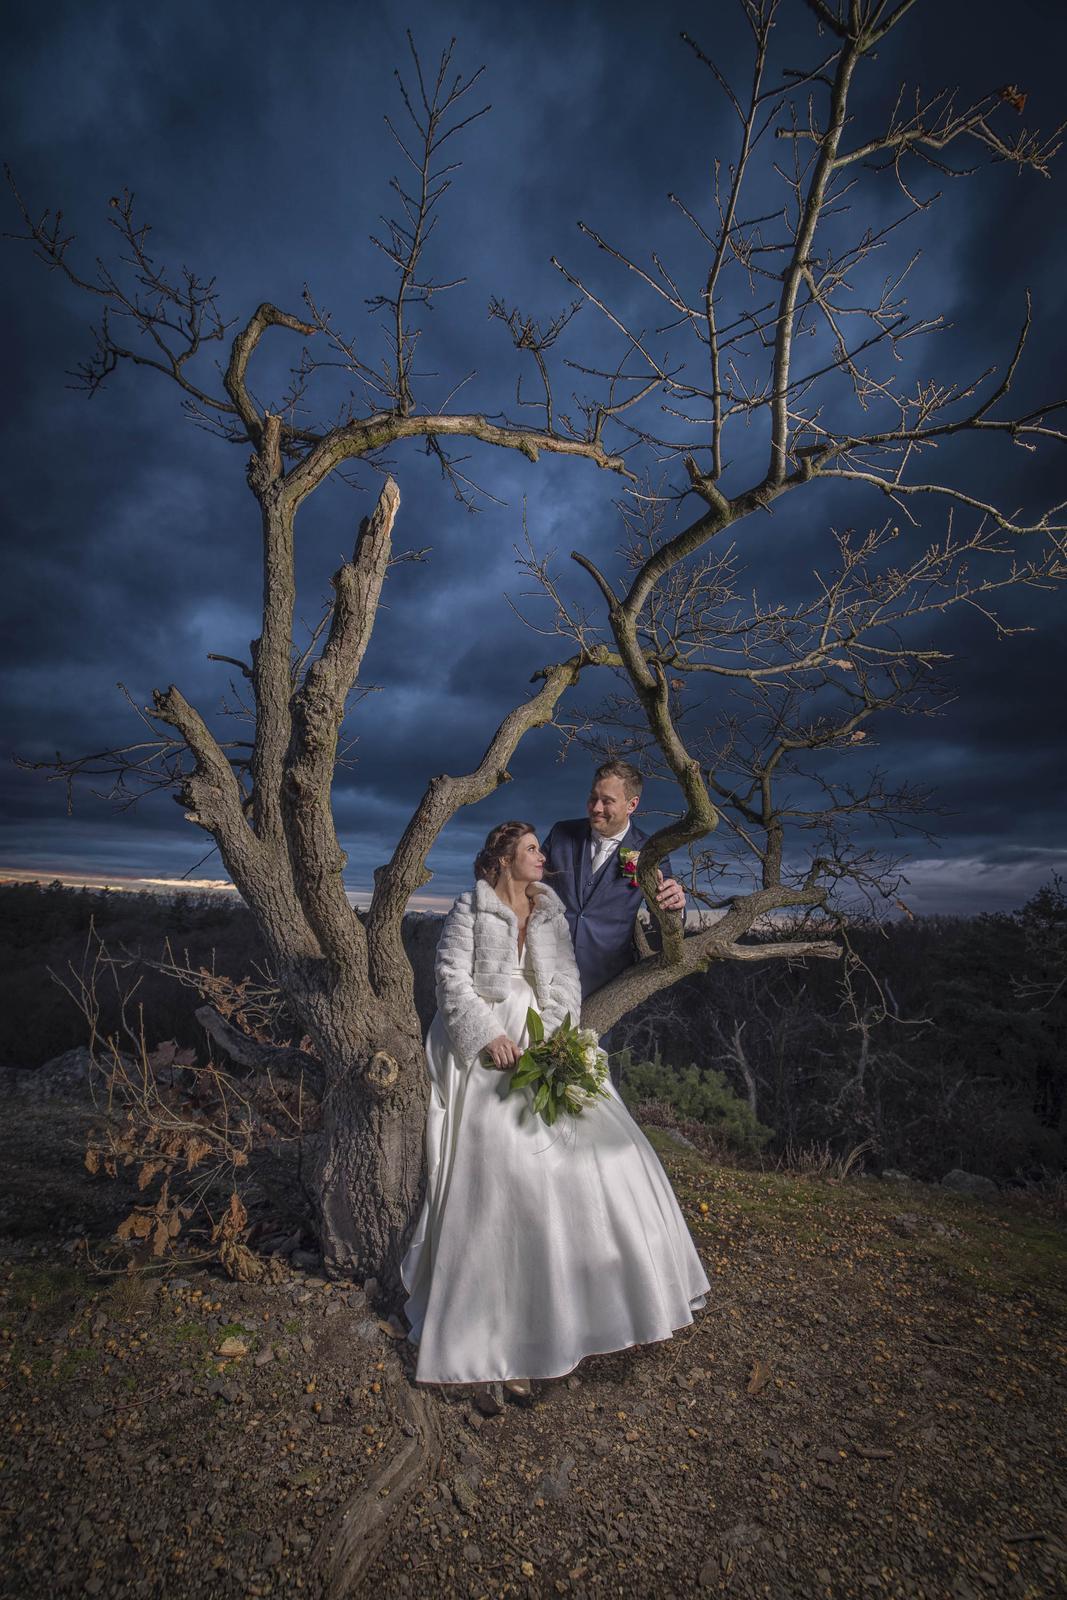 weddingsphoto_cz - Obrázek č. 1